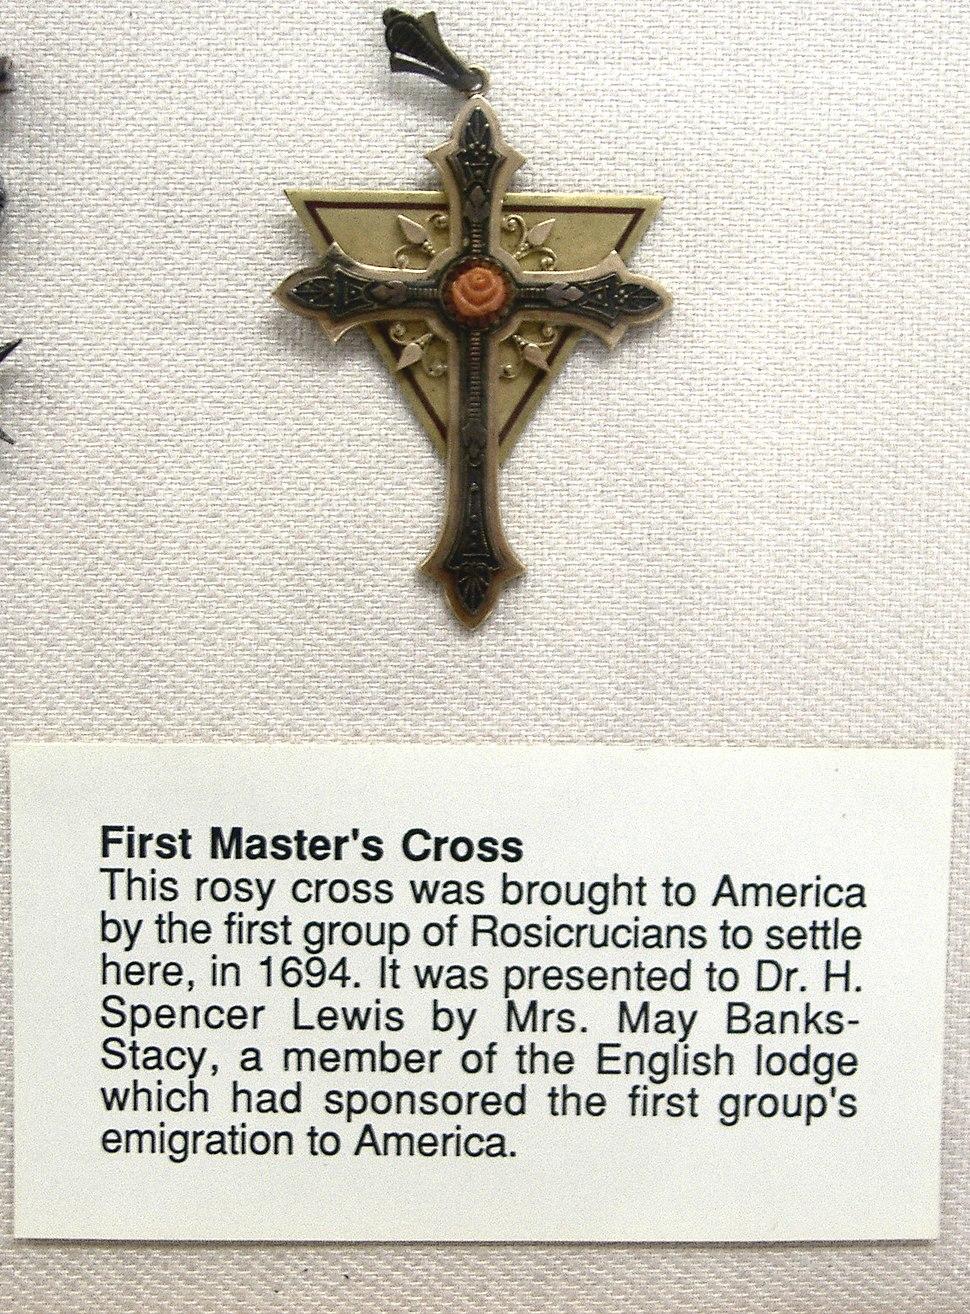 Mbstacy cross